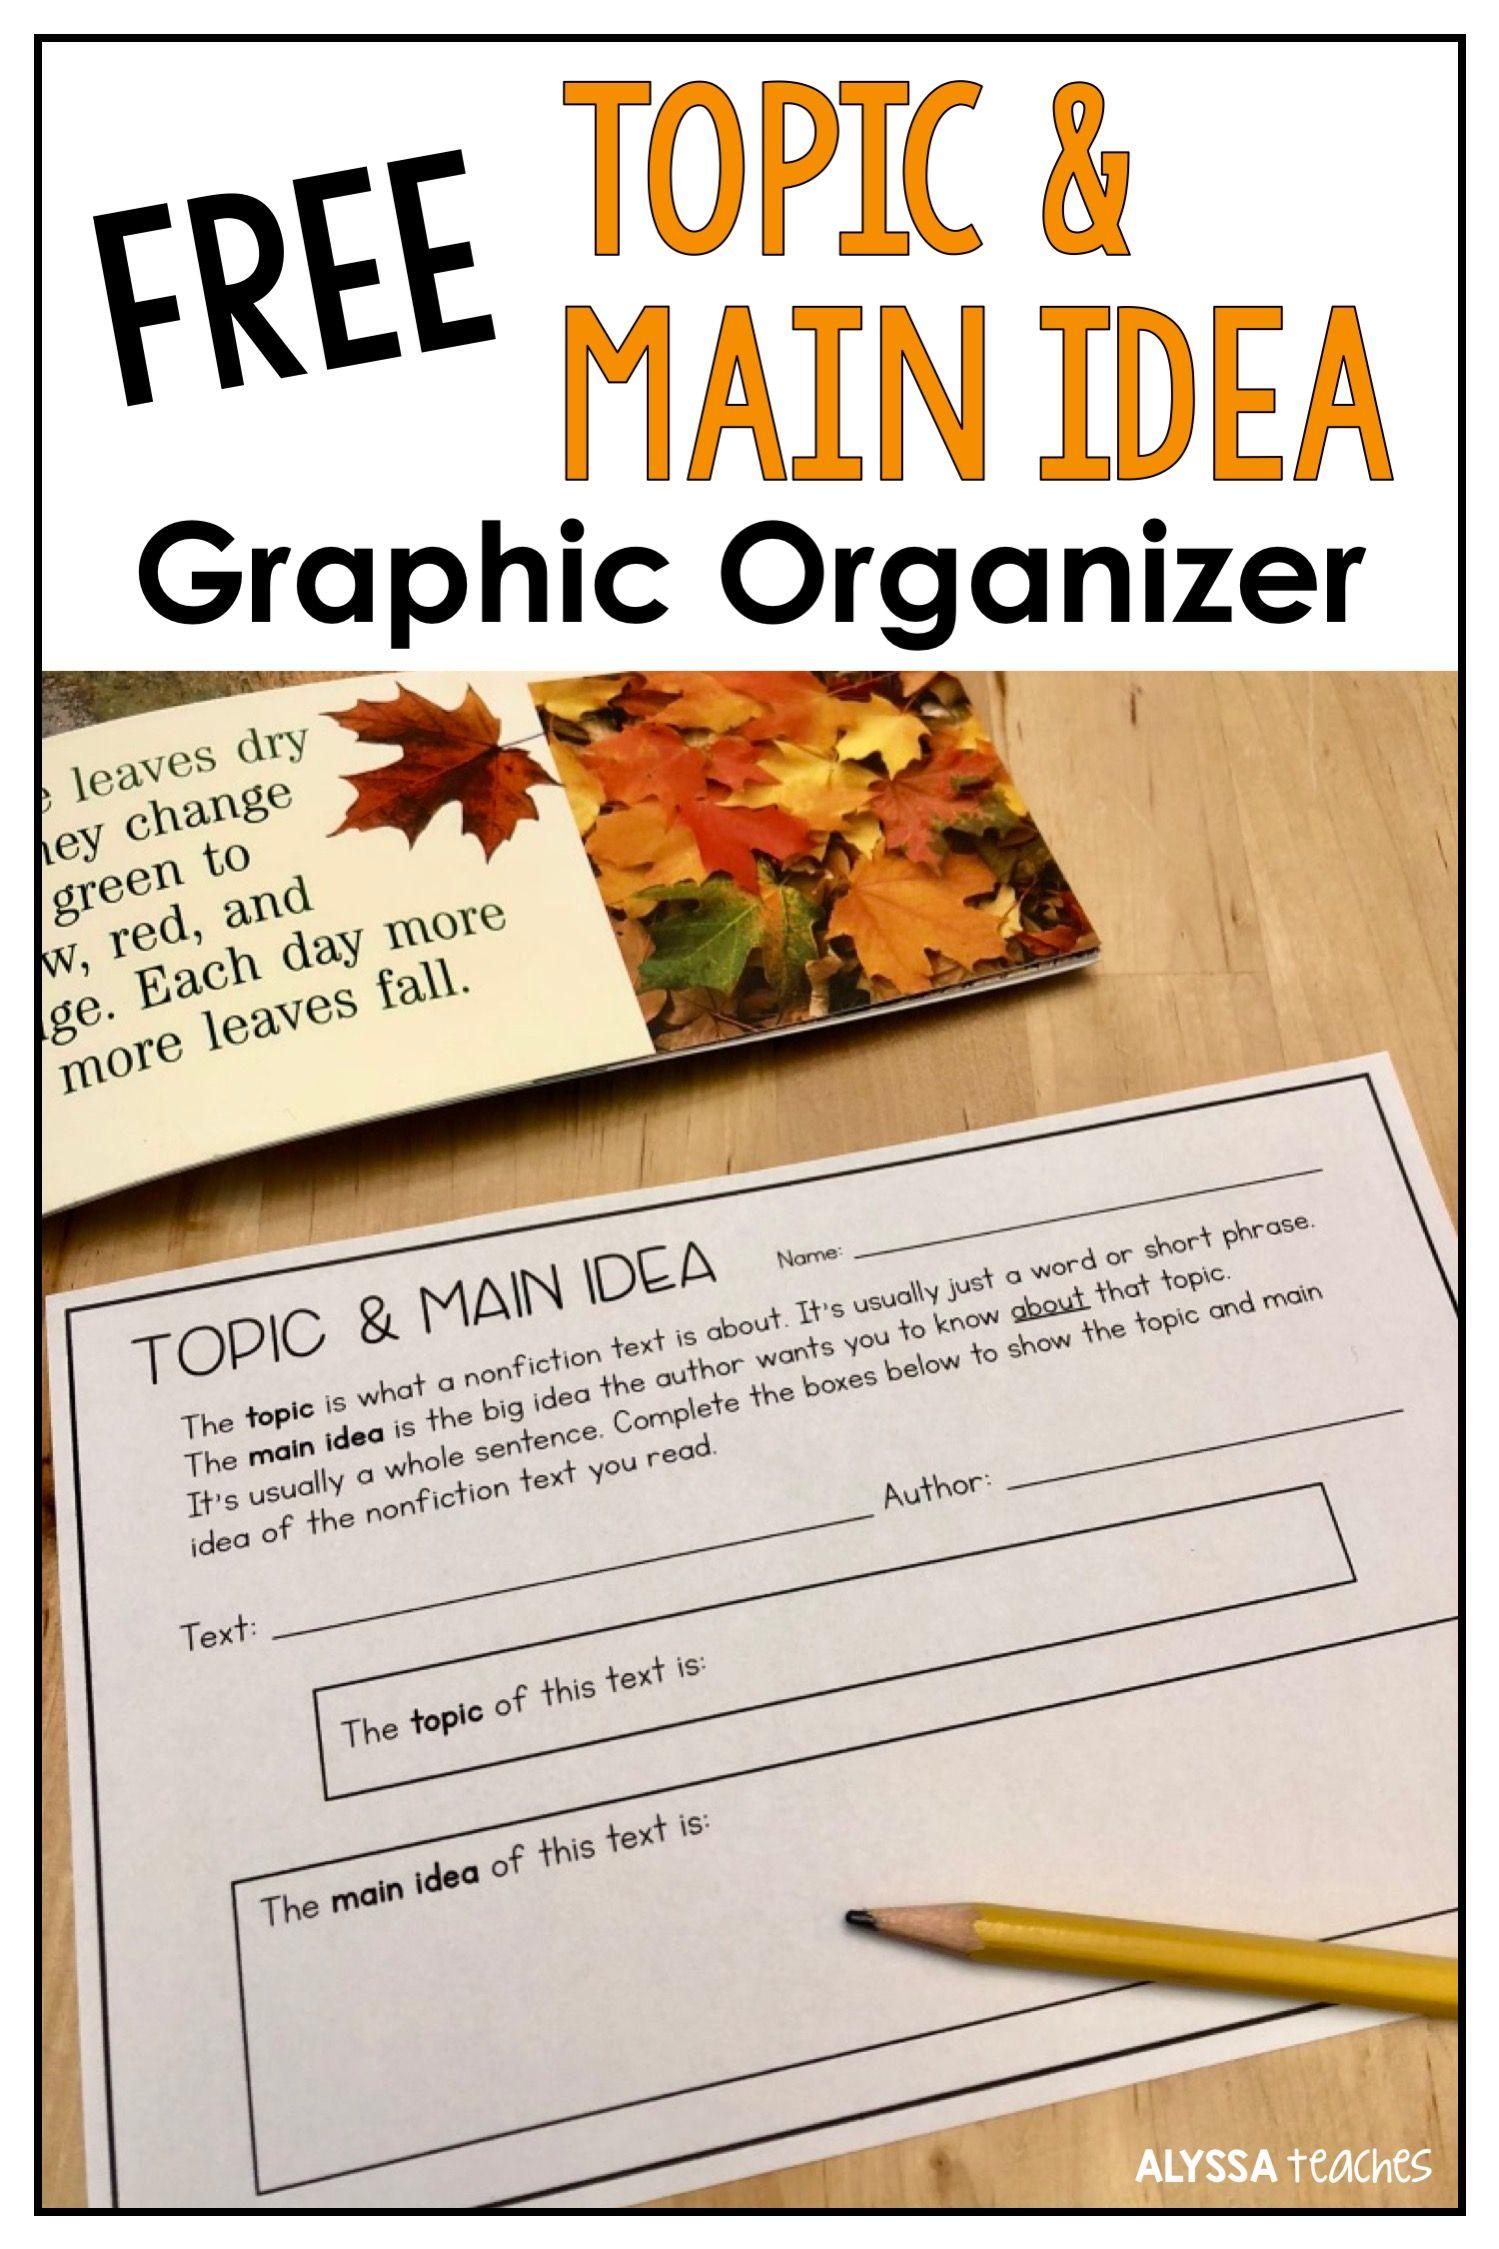 Teaching Topic Vs Main Idea